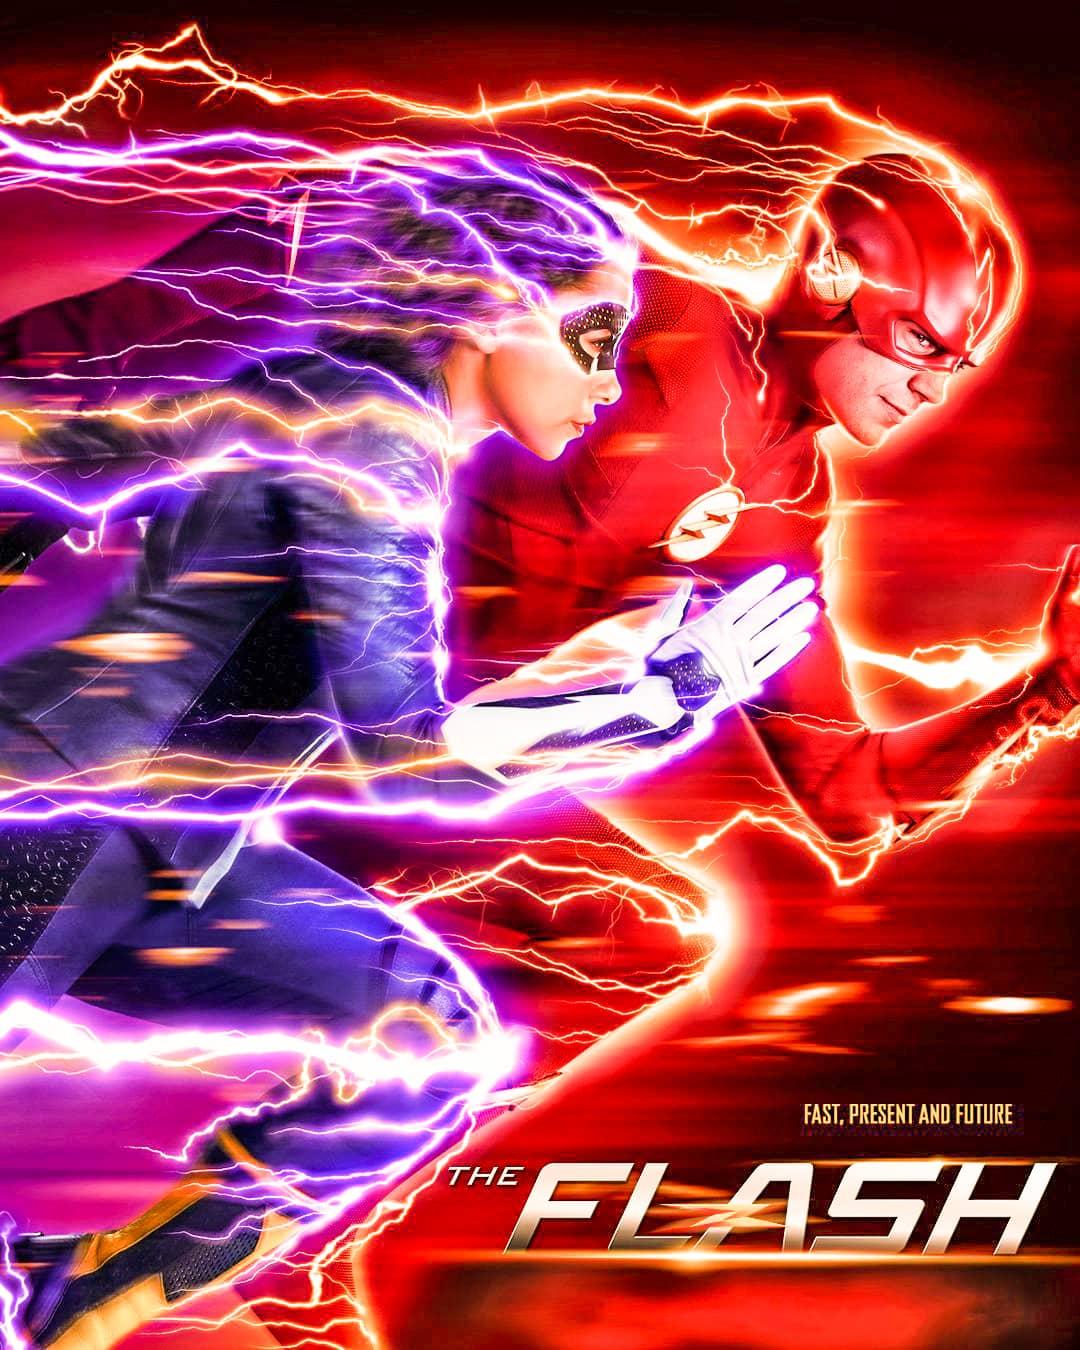 مسلسل The Flash الموسم الخامس الحلقة 7 السابعة مترجمة